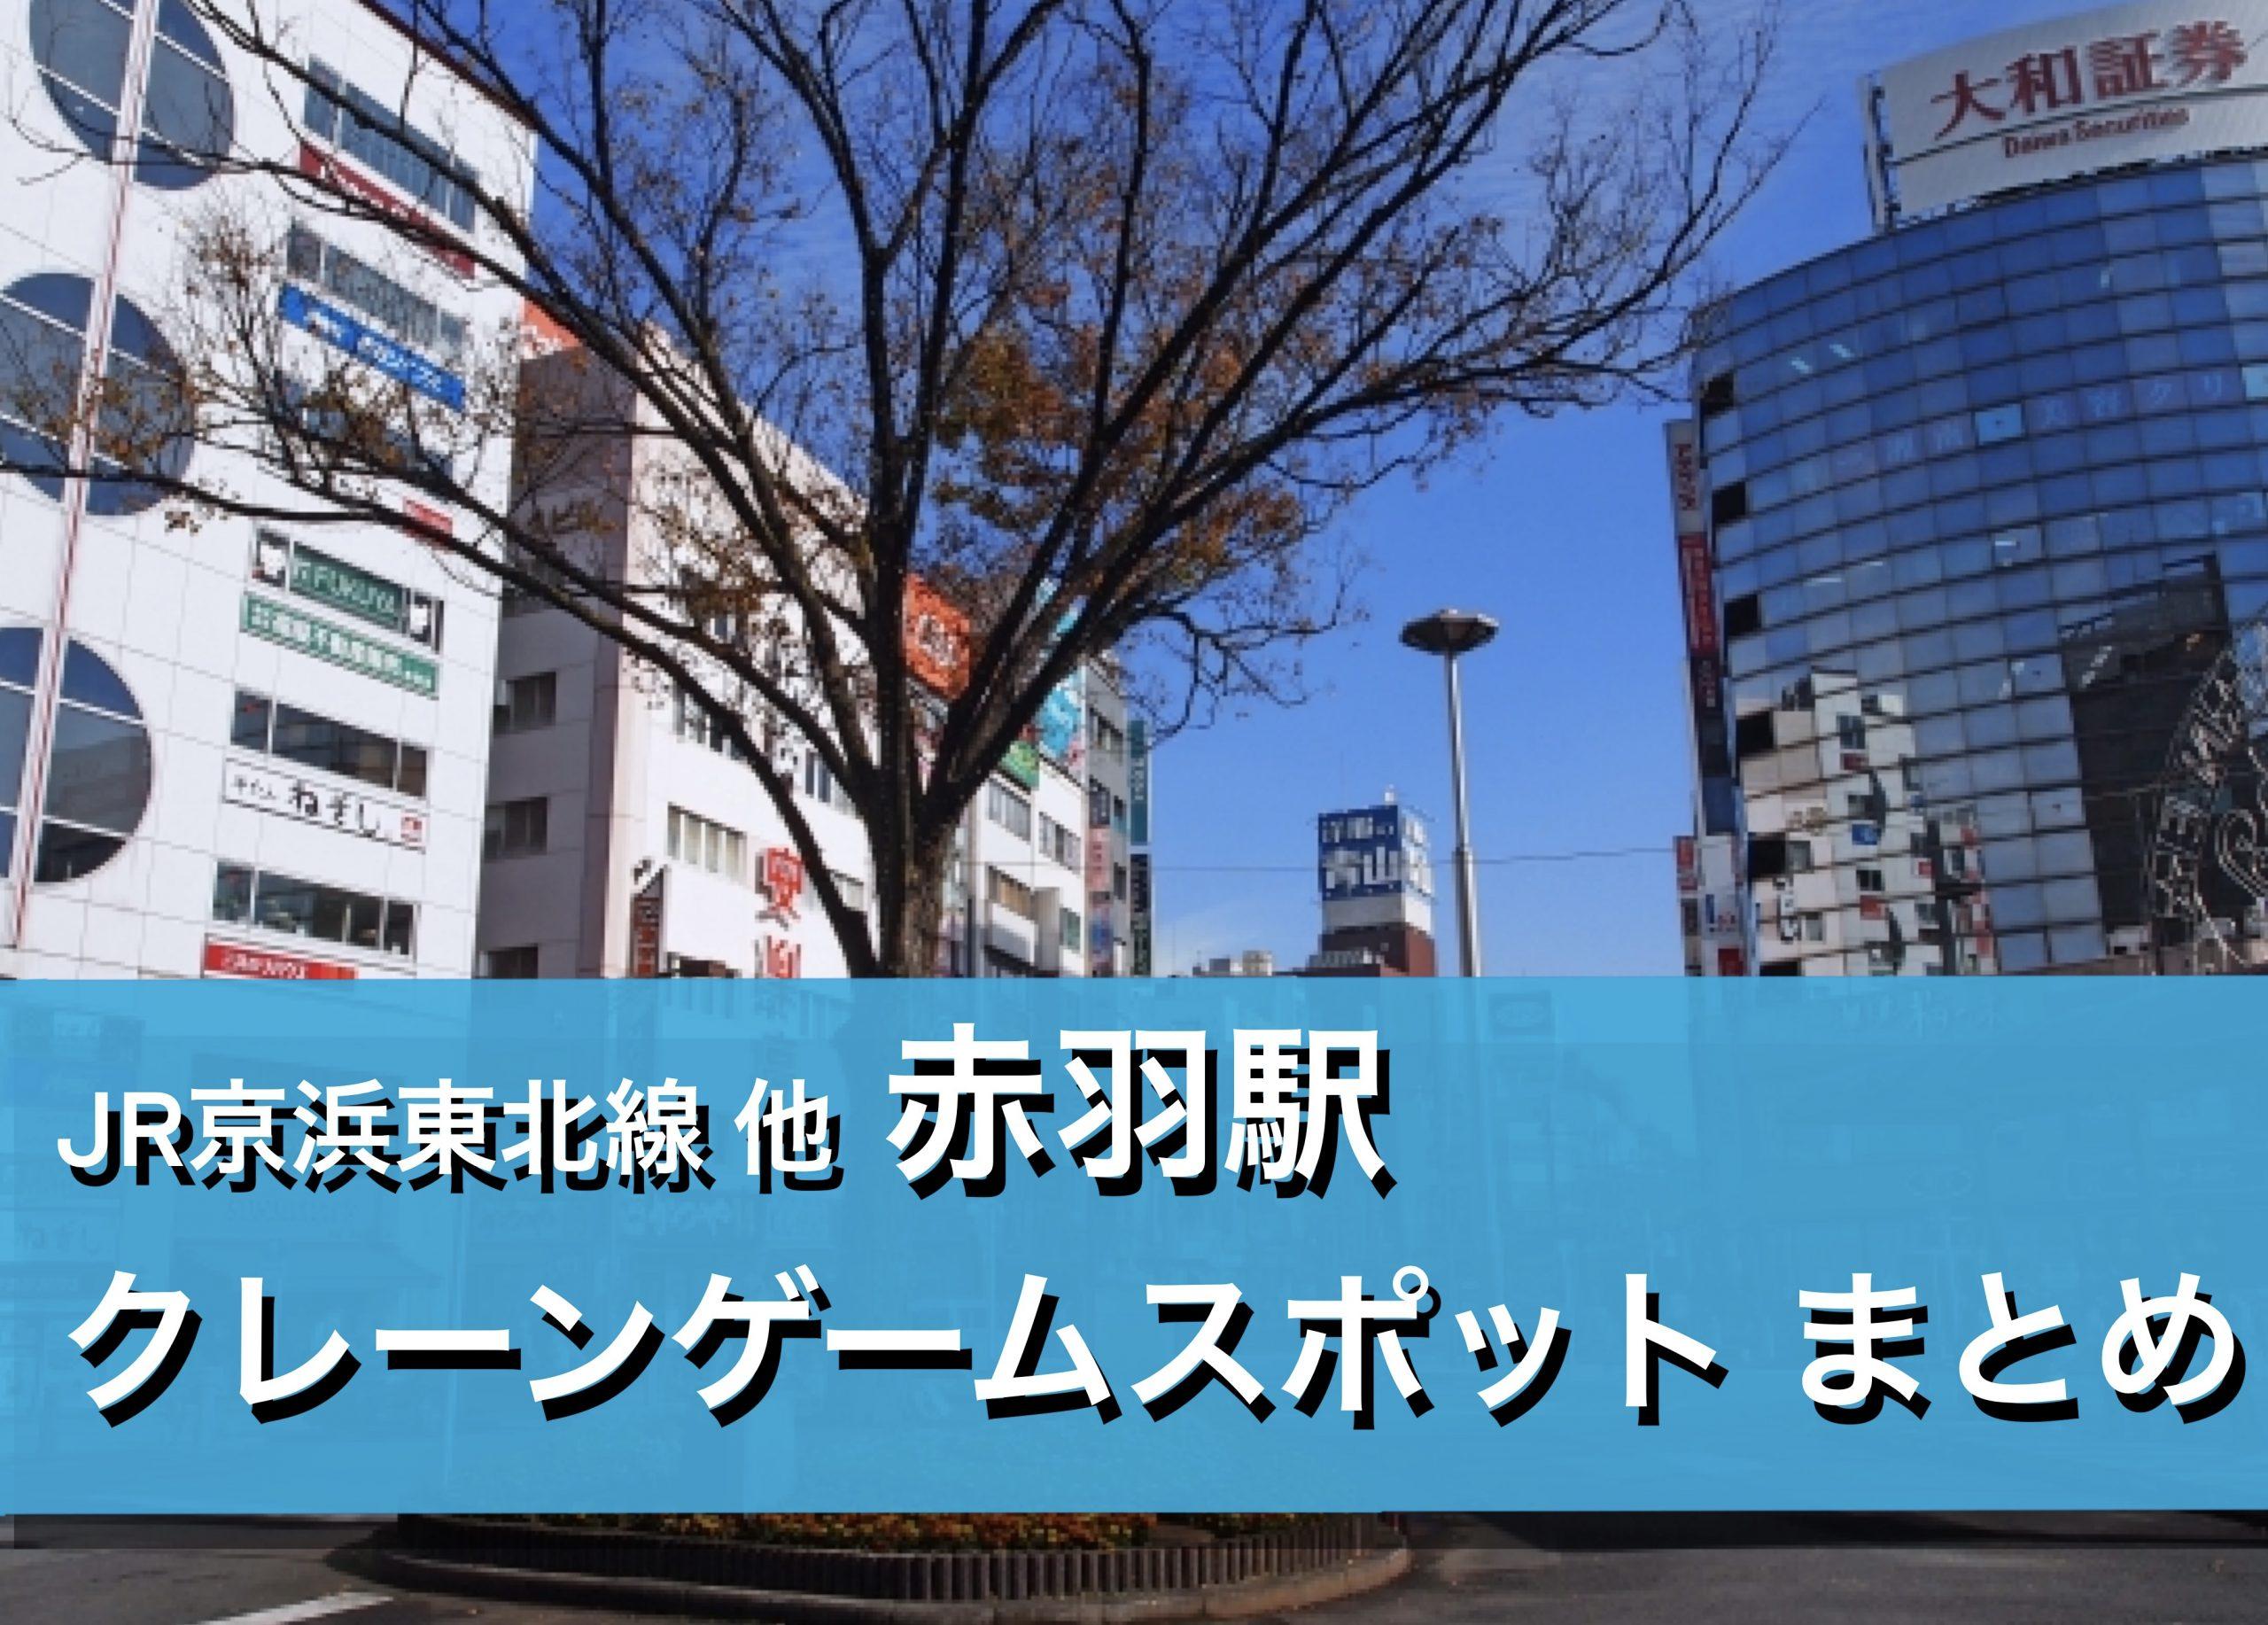 【赤羽駅】クレーンゲームができる場所